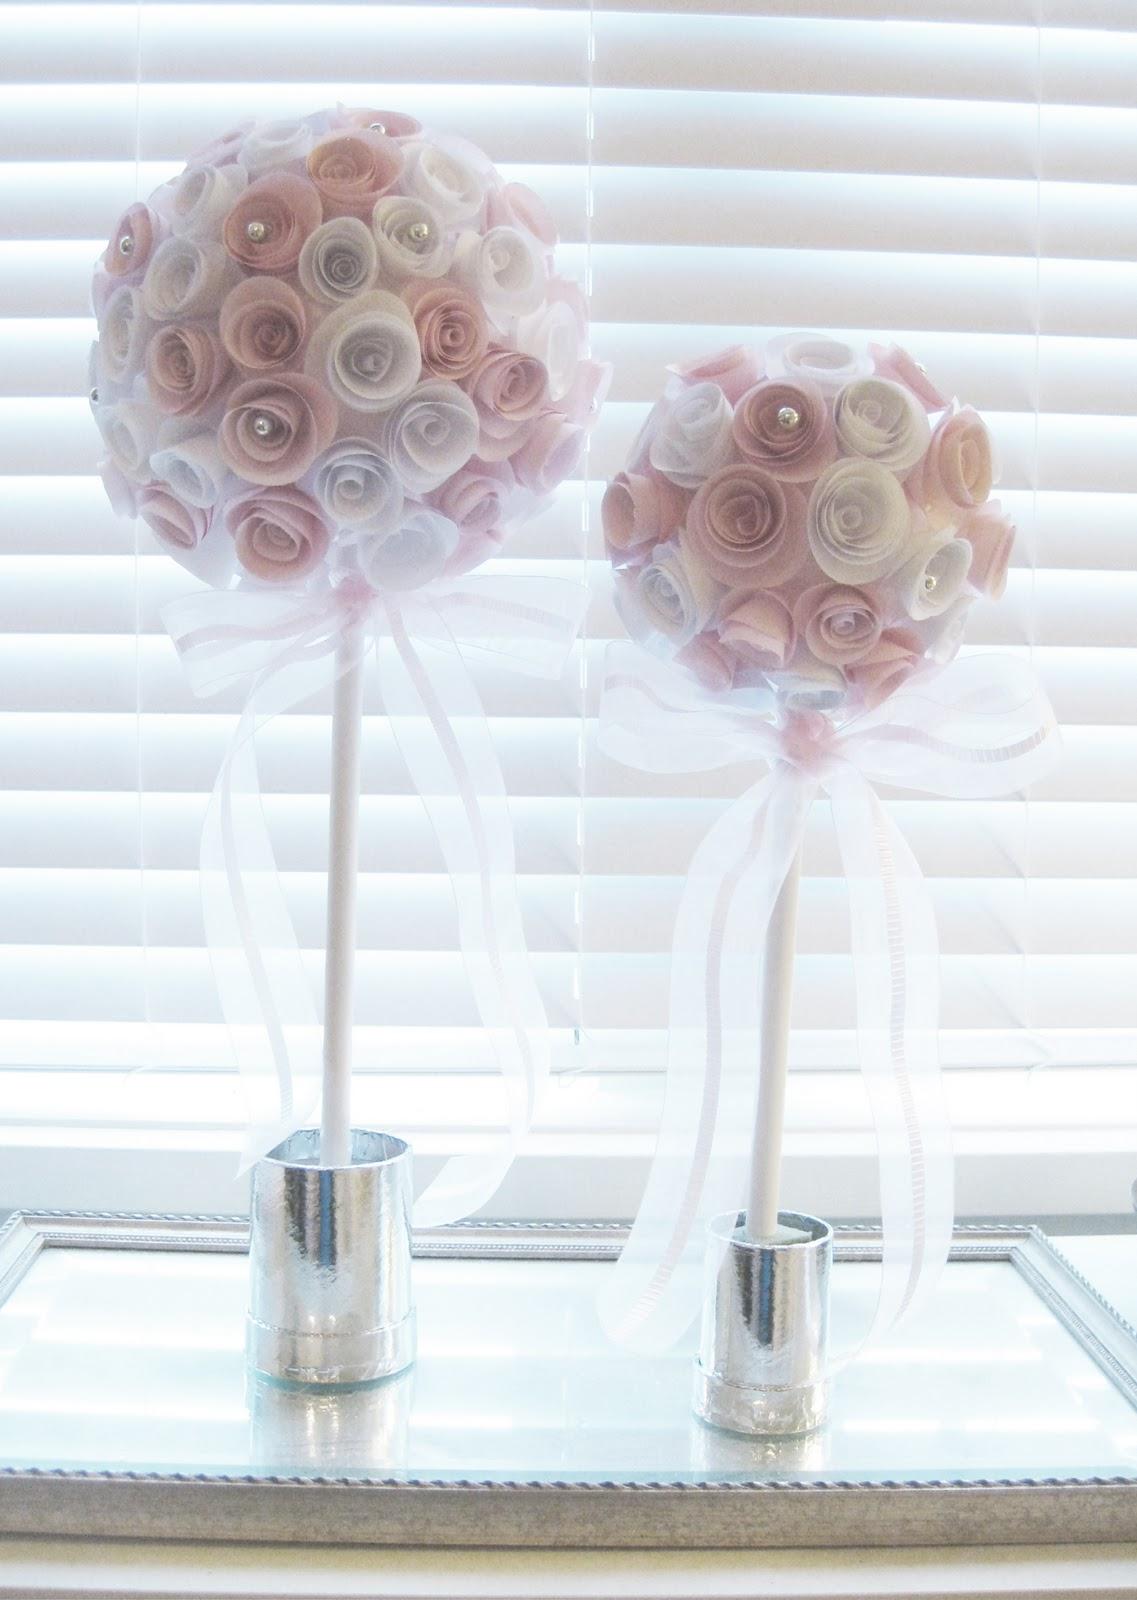 Life designed diy paper rose topiaries